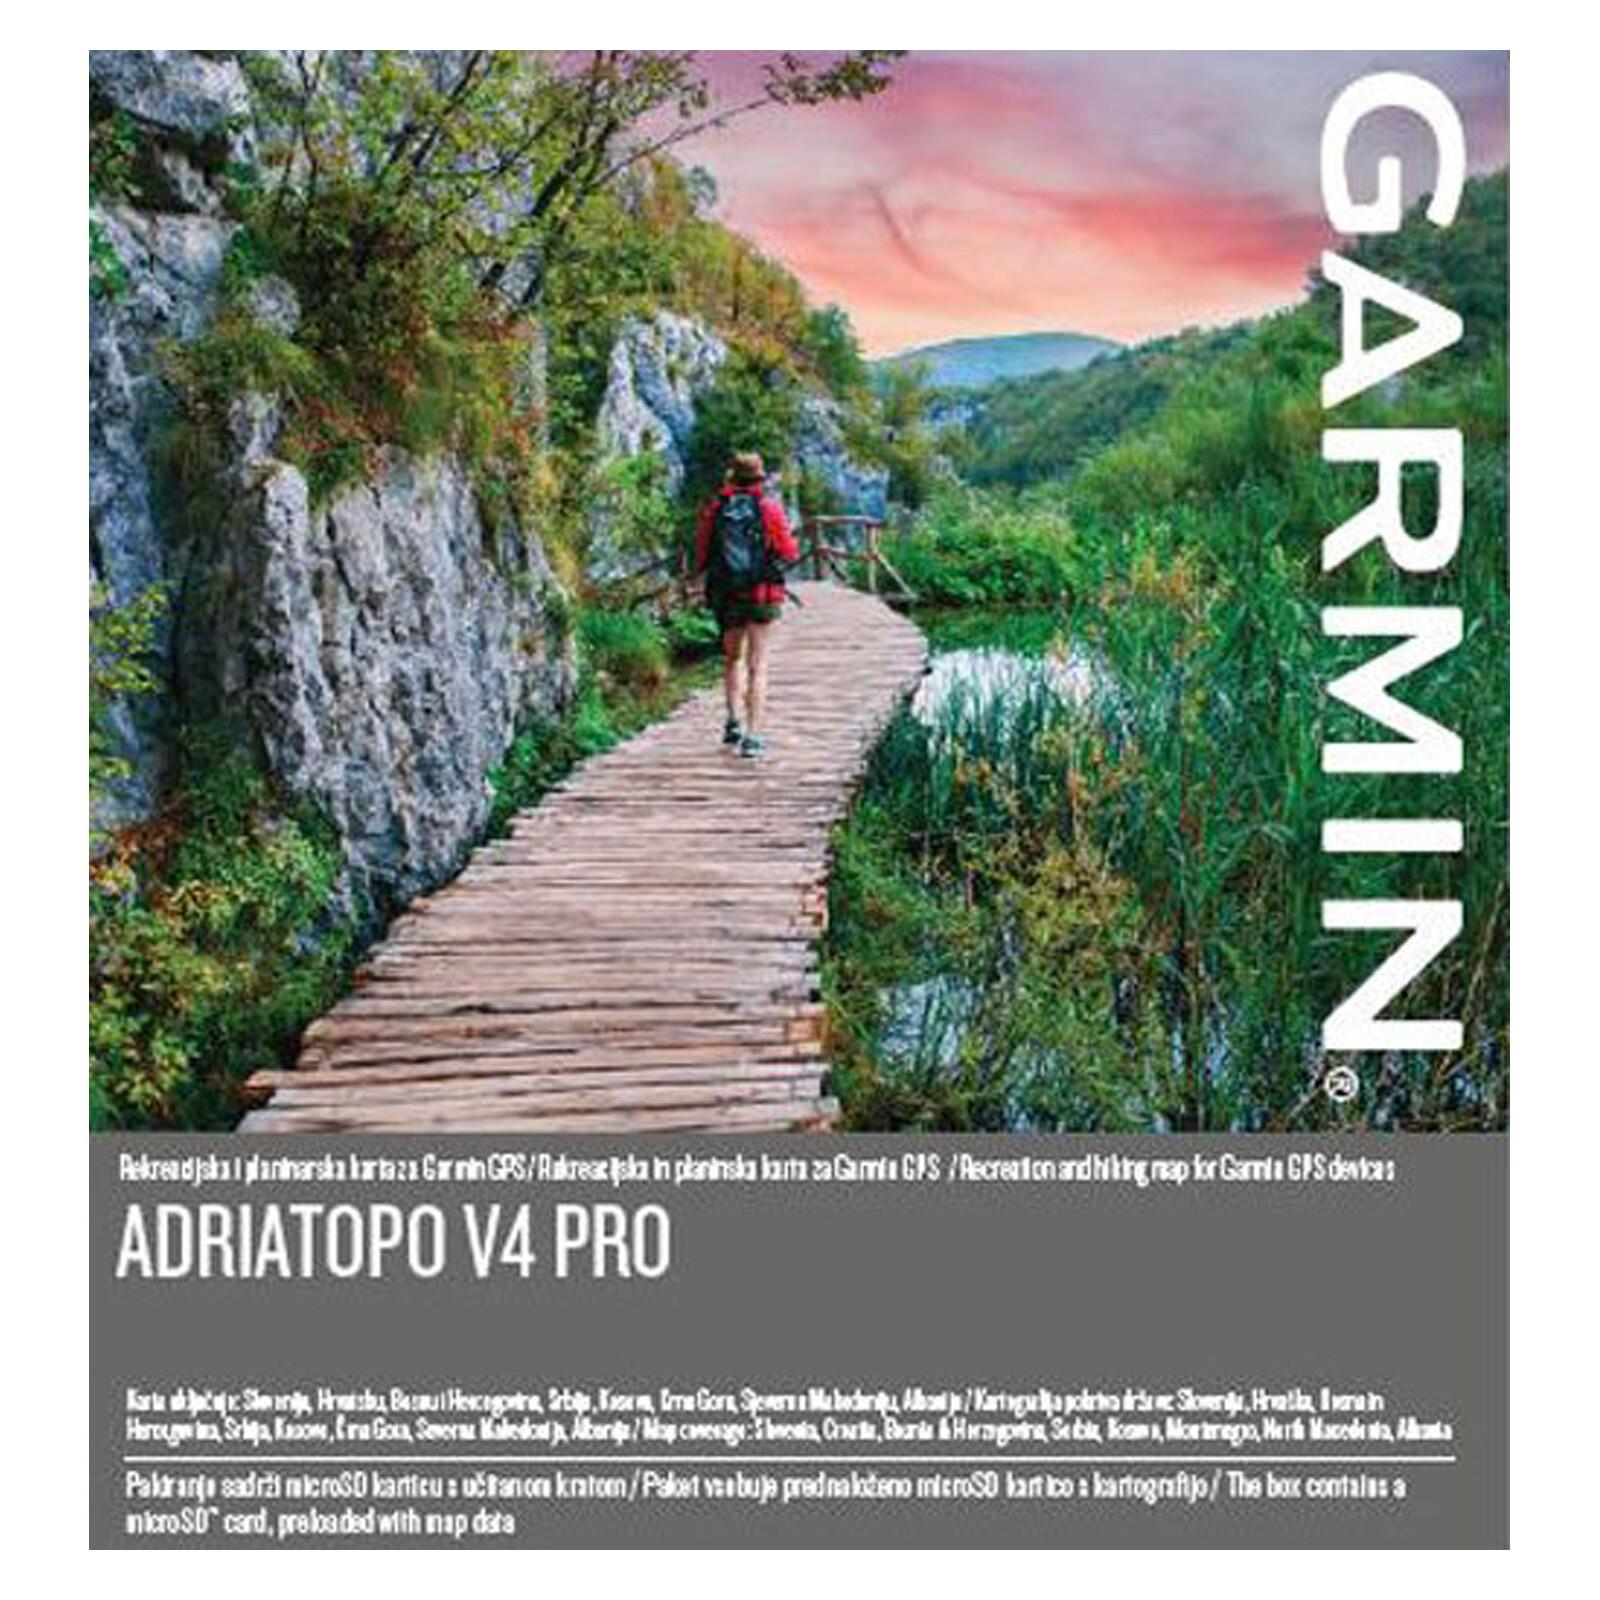 Garmin Topo v4 PRO Adria mSD/SD